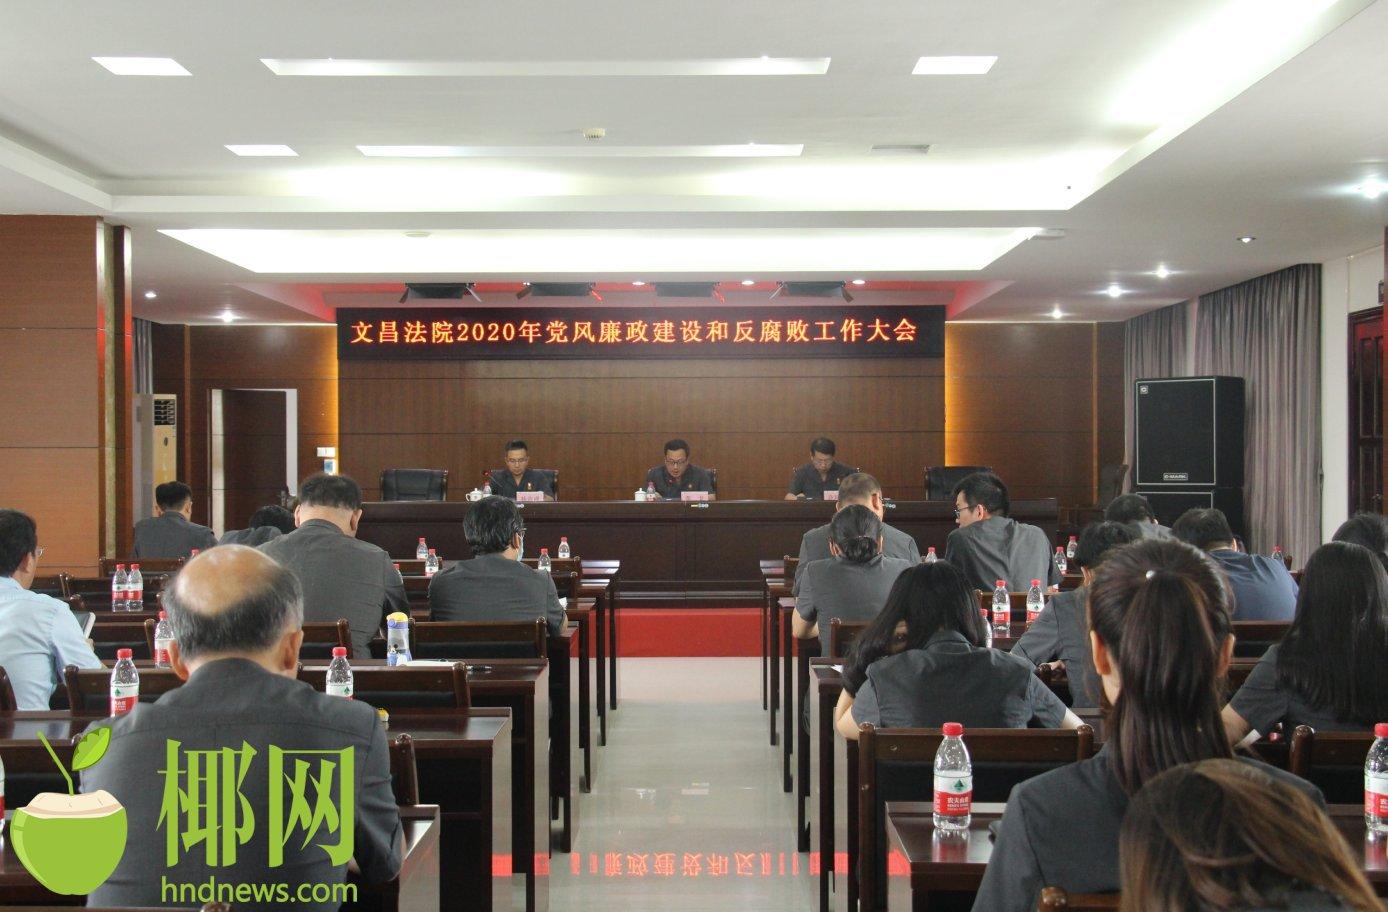 文昌法院召开2020年党风廉政建设和反腐败工作会议